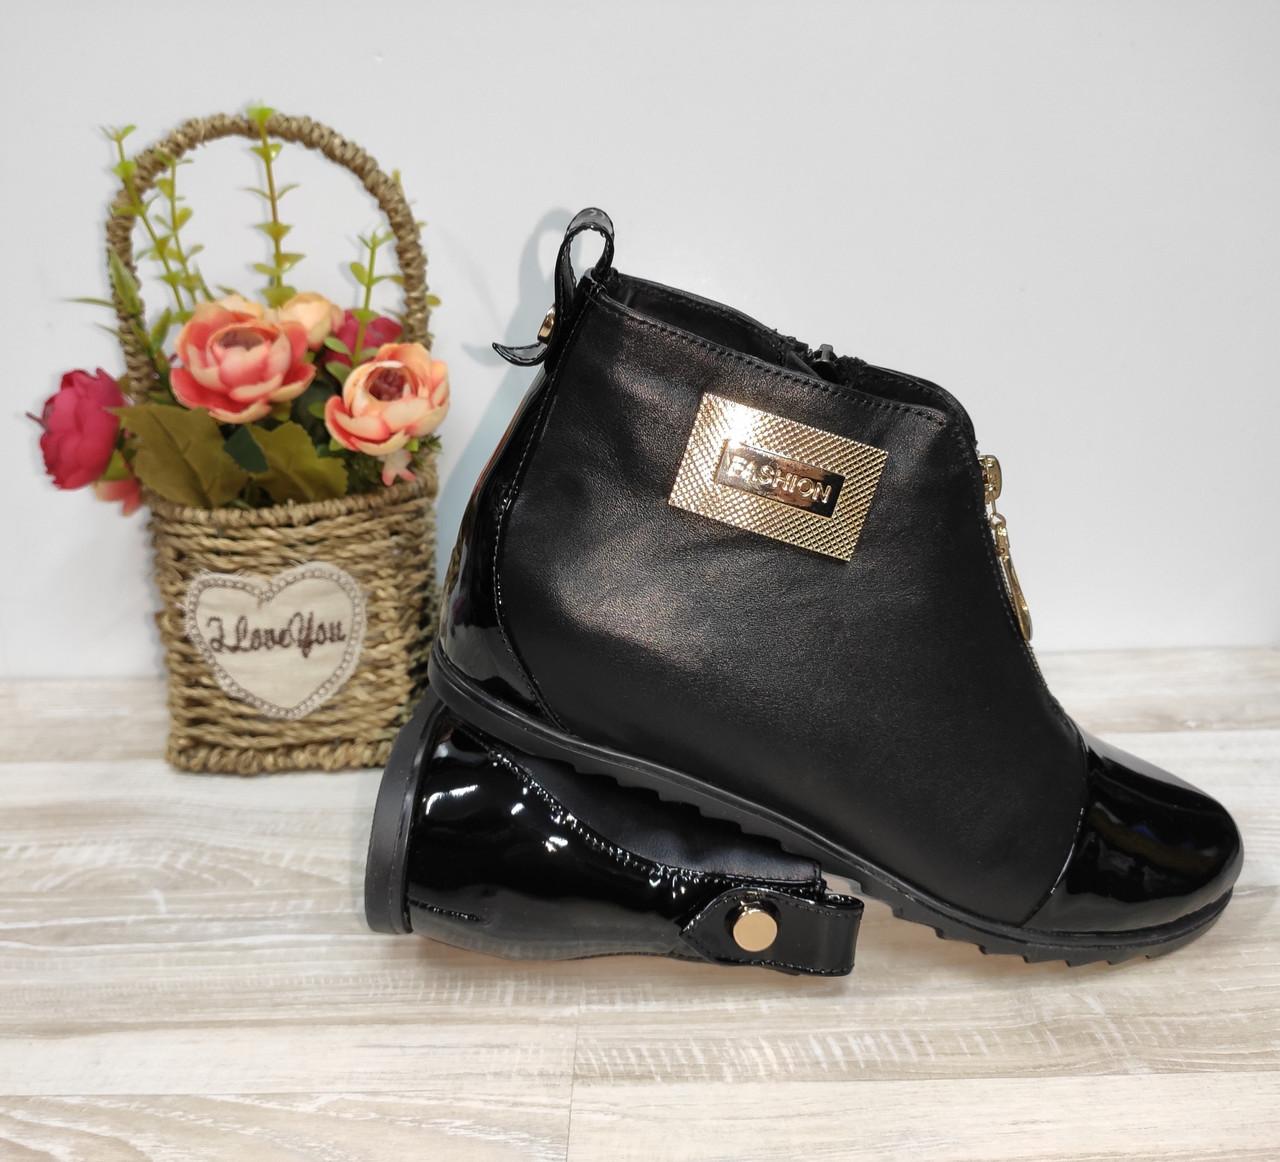 Ботинки из натуральной кожи женские 36,39 Kornllia черные арт 1032 .